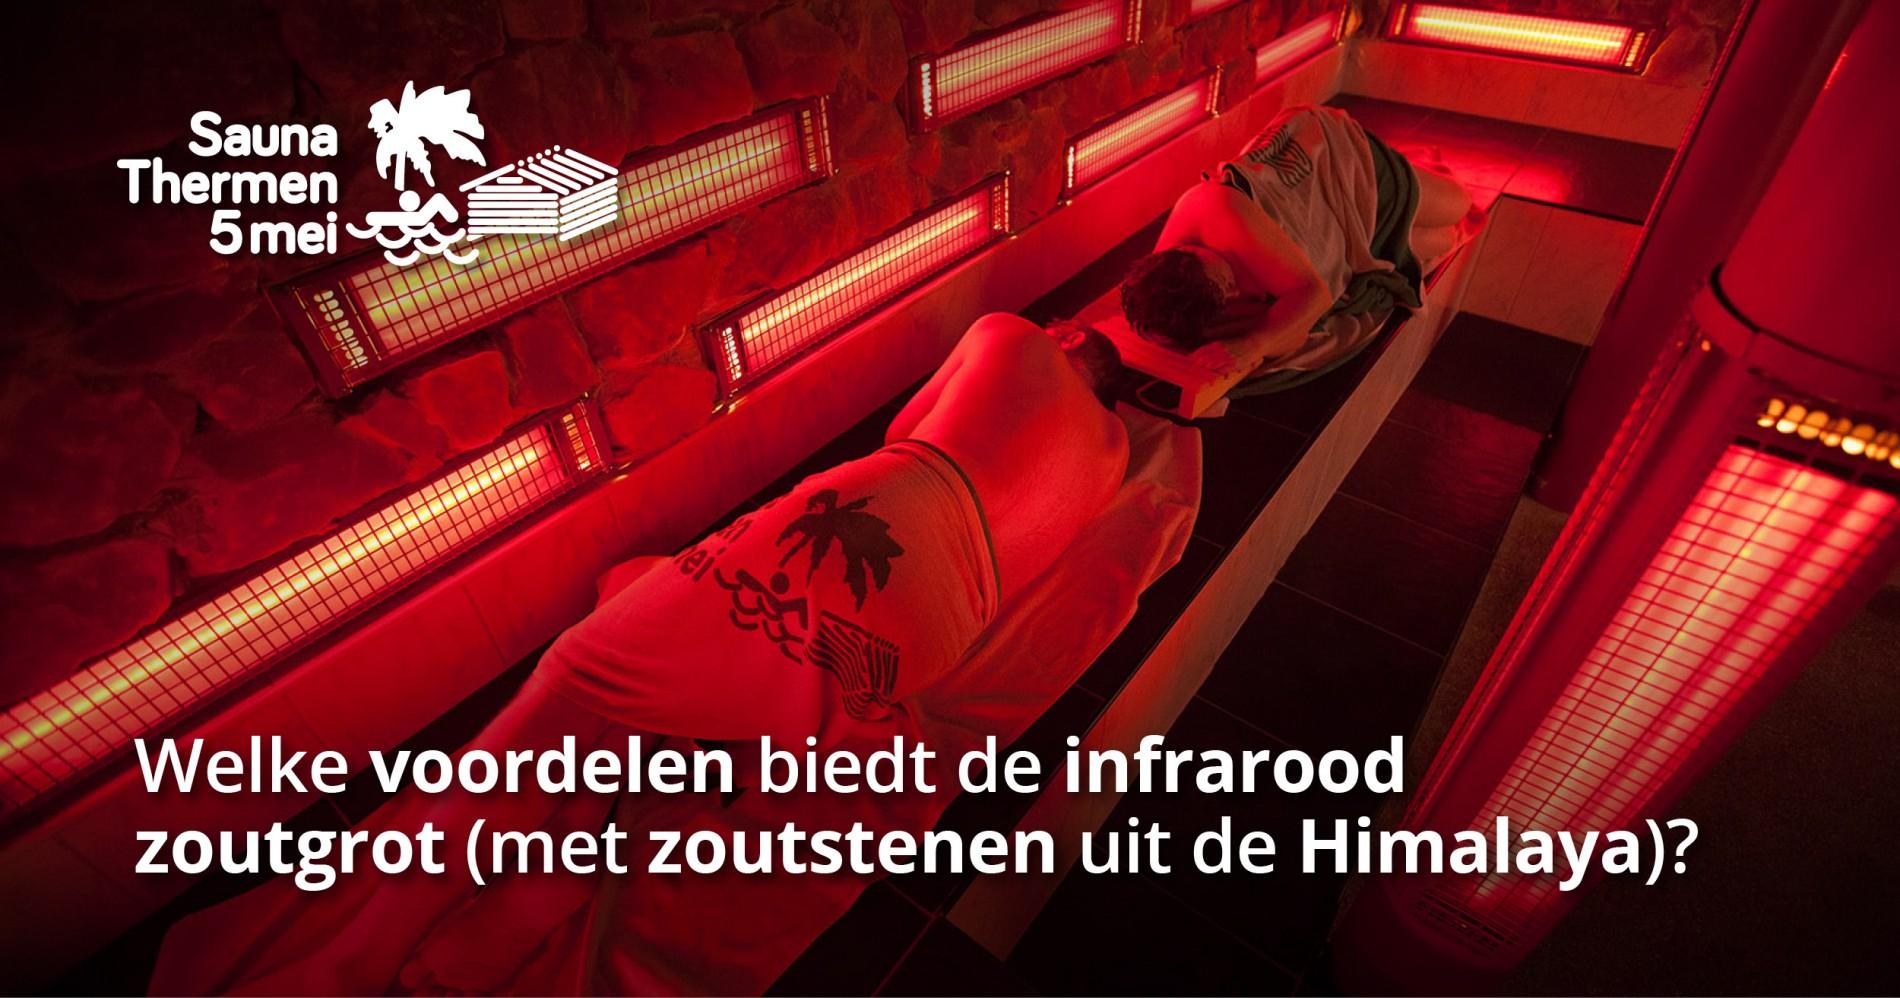 Saunathermen 5 mei - infrarood met zoutstenen